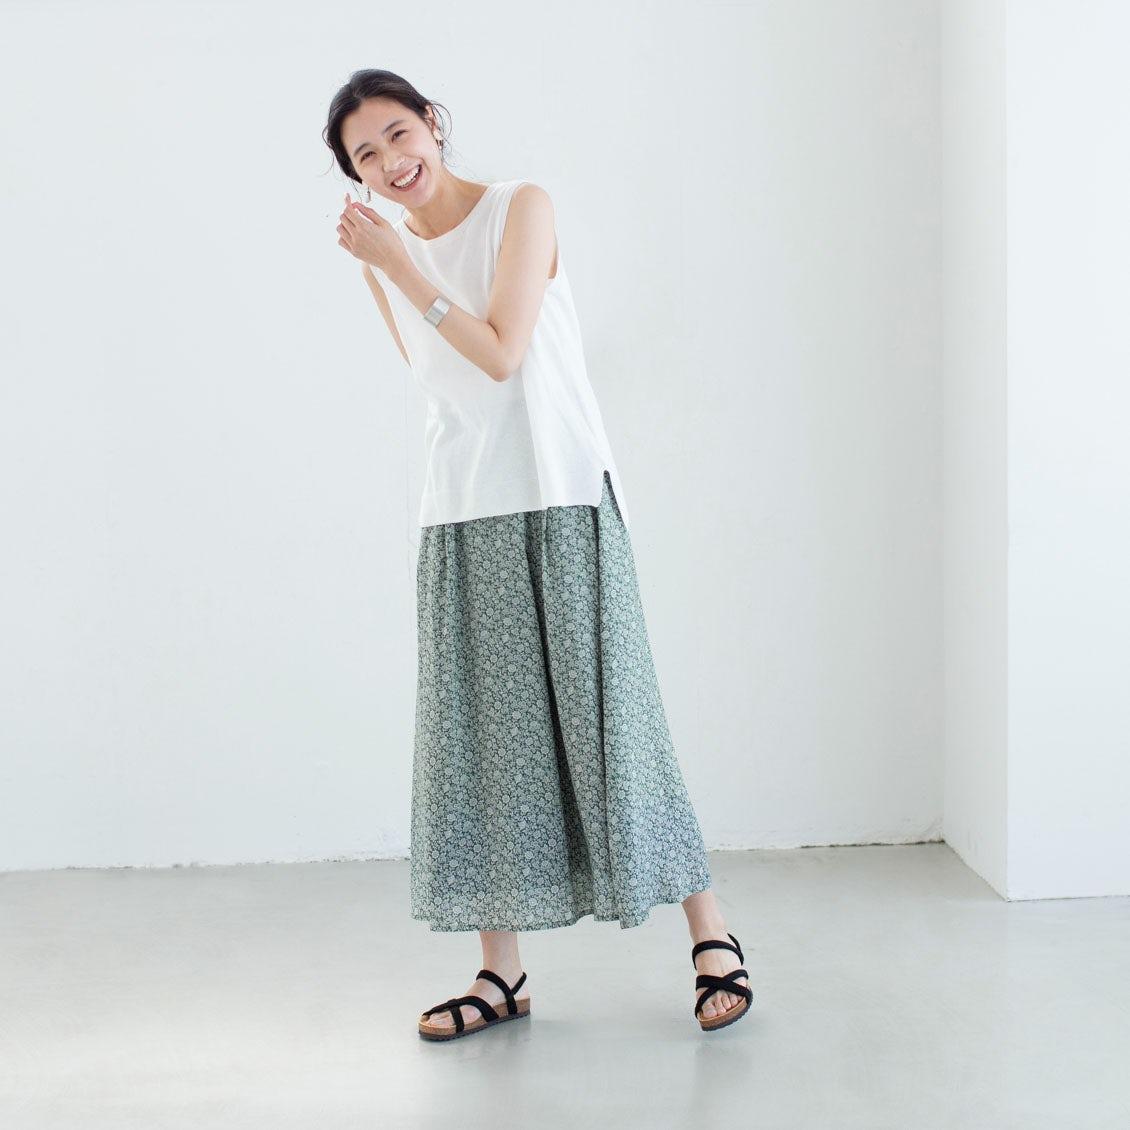 【当店別注】ここだけの特別な柄をつかった、リバティプリントのスカートが新登場!